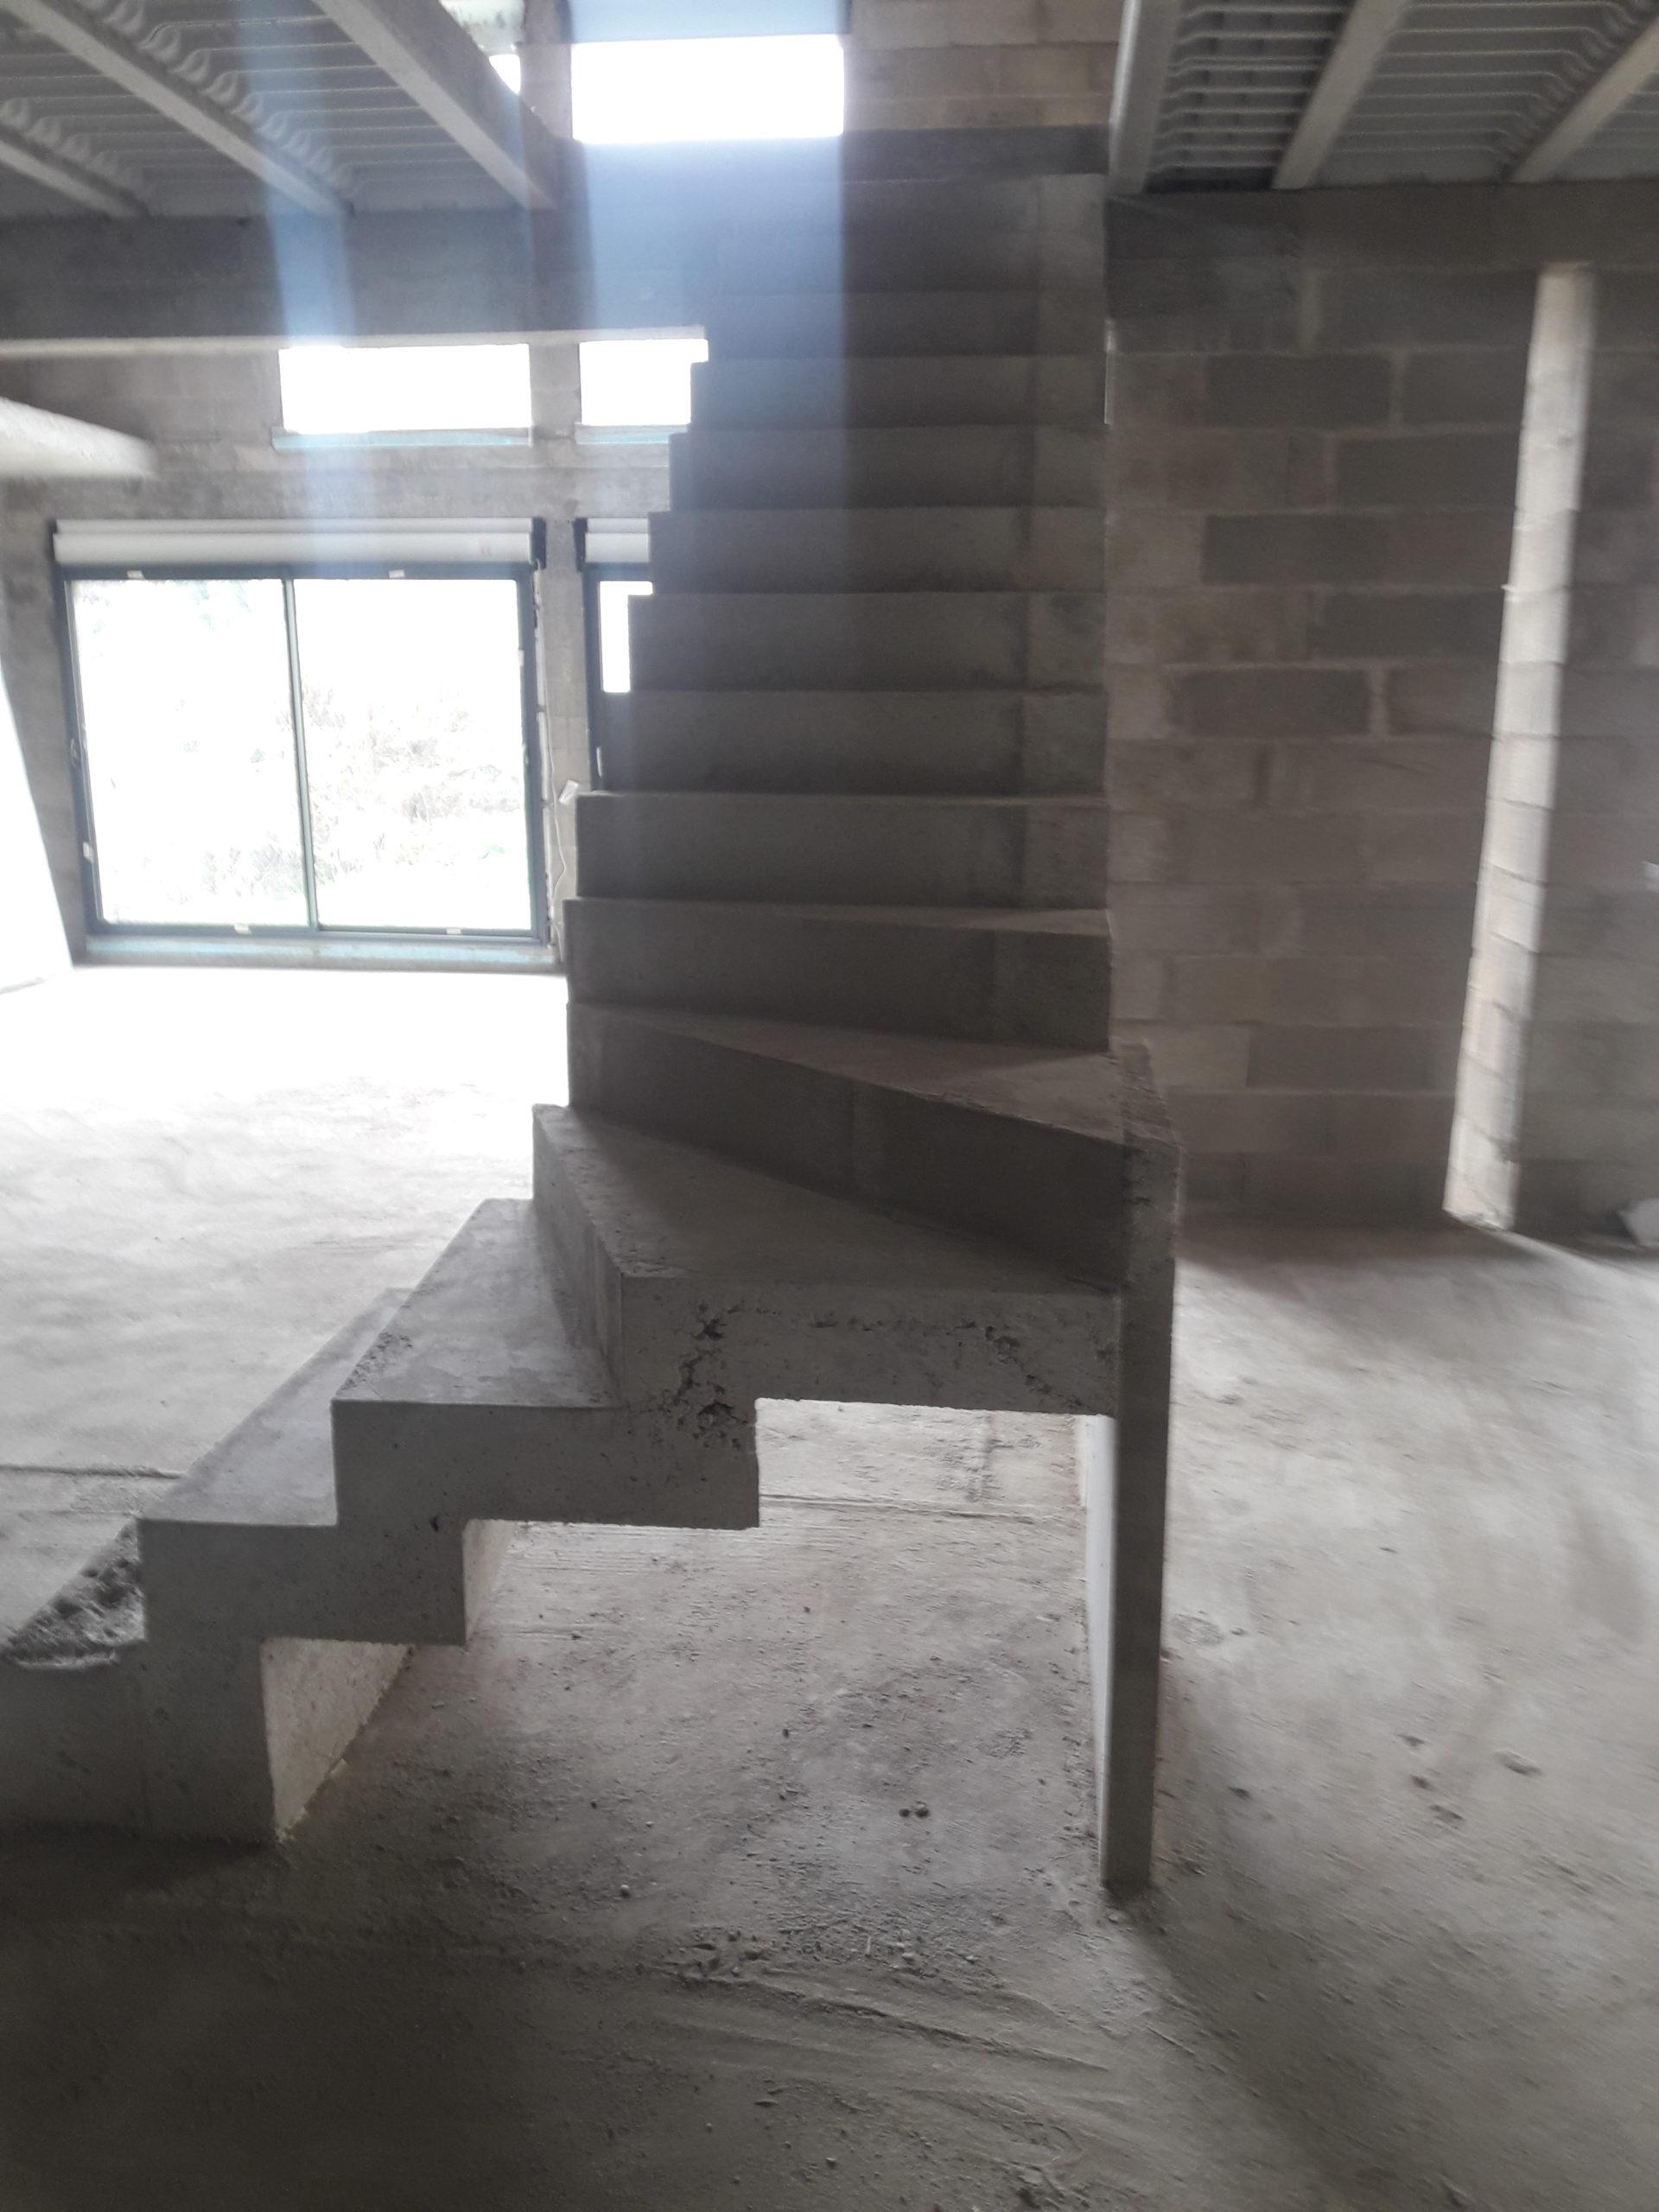 Escalier béton à crémaillère réalisé à Arras